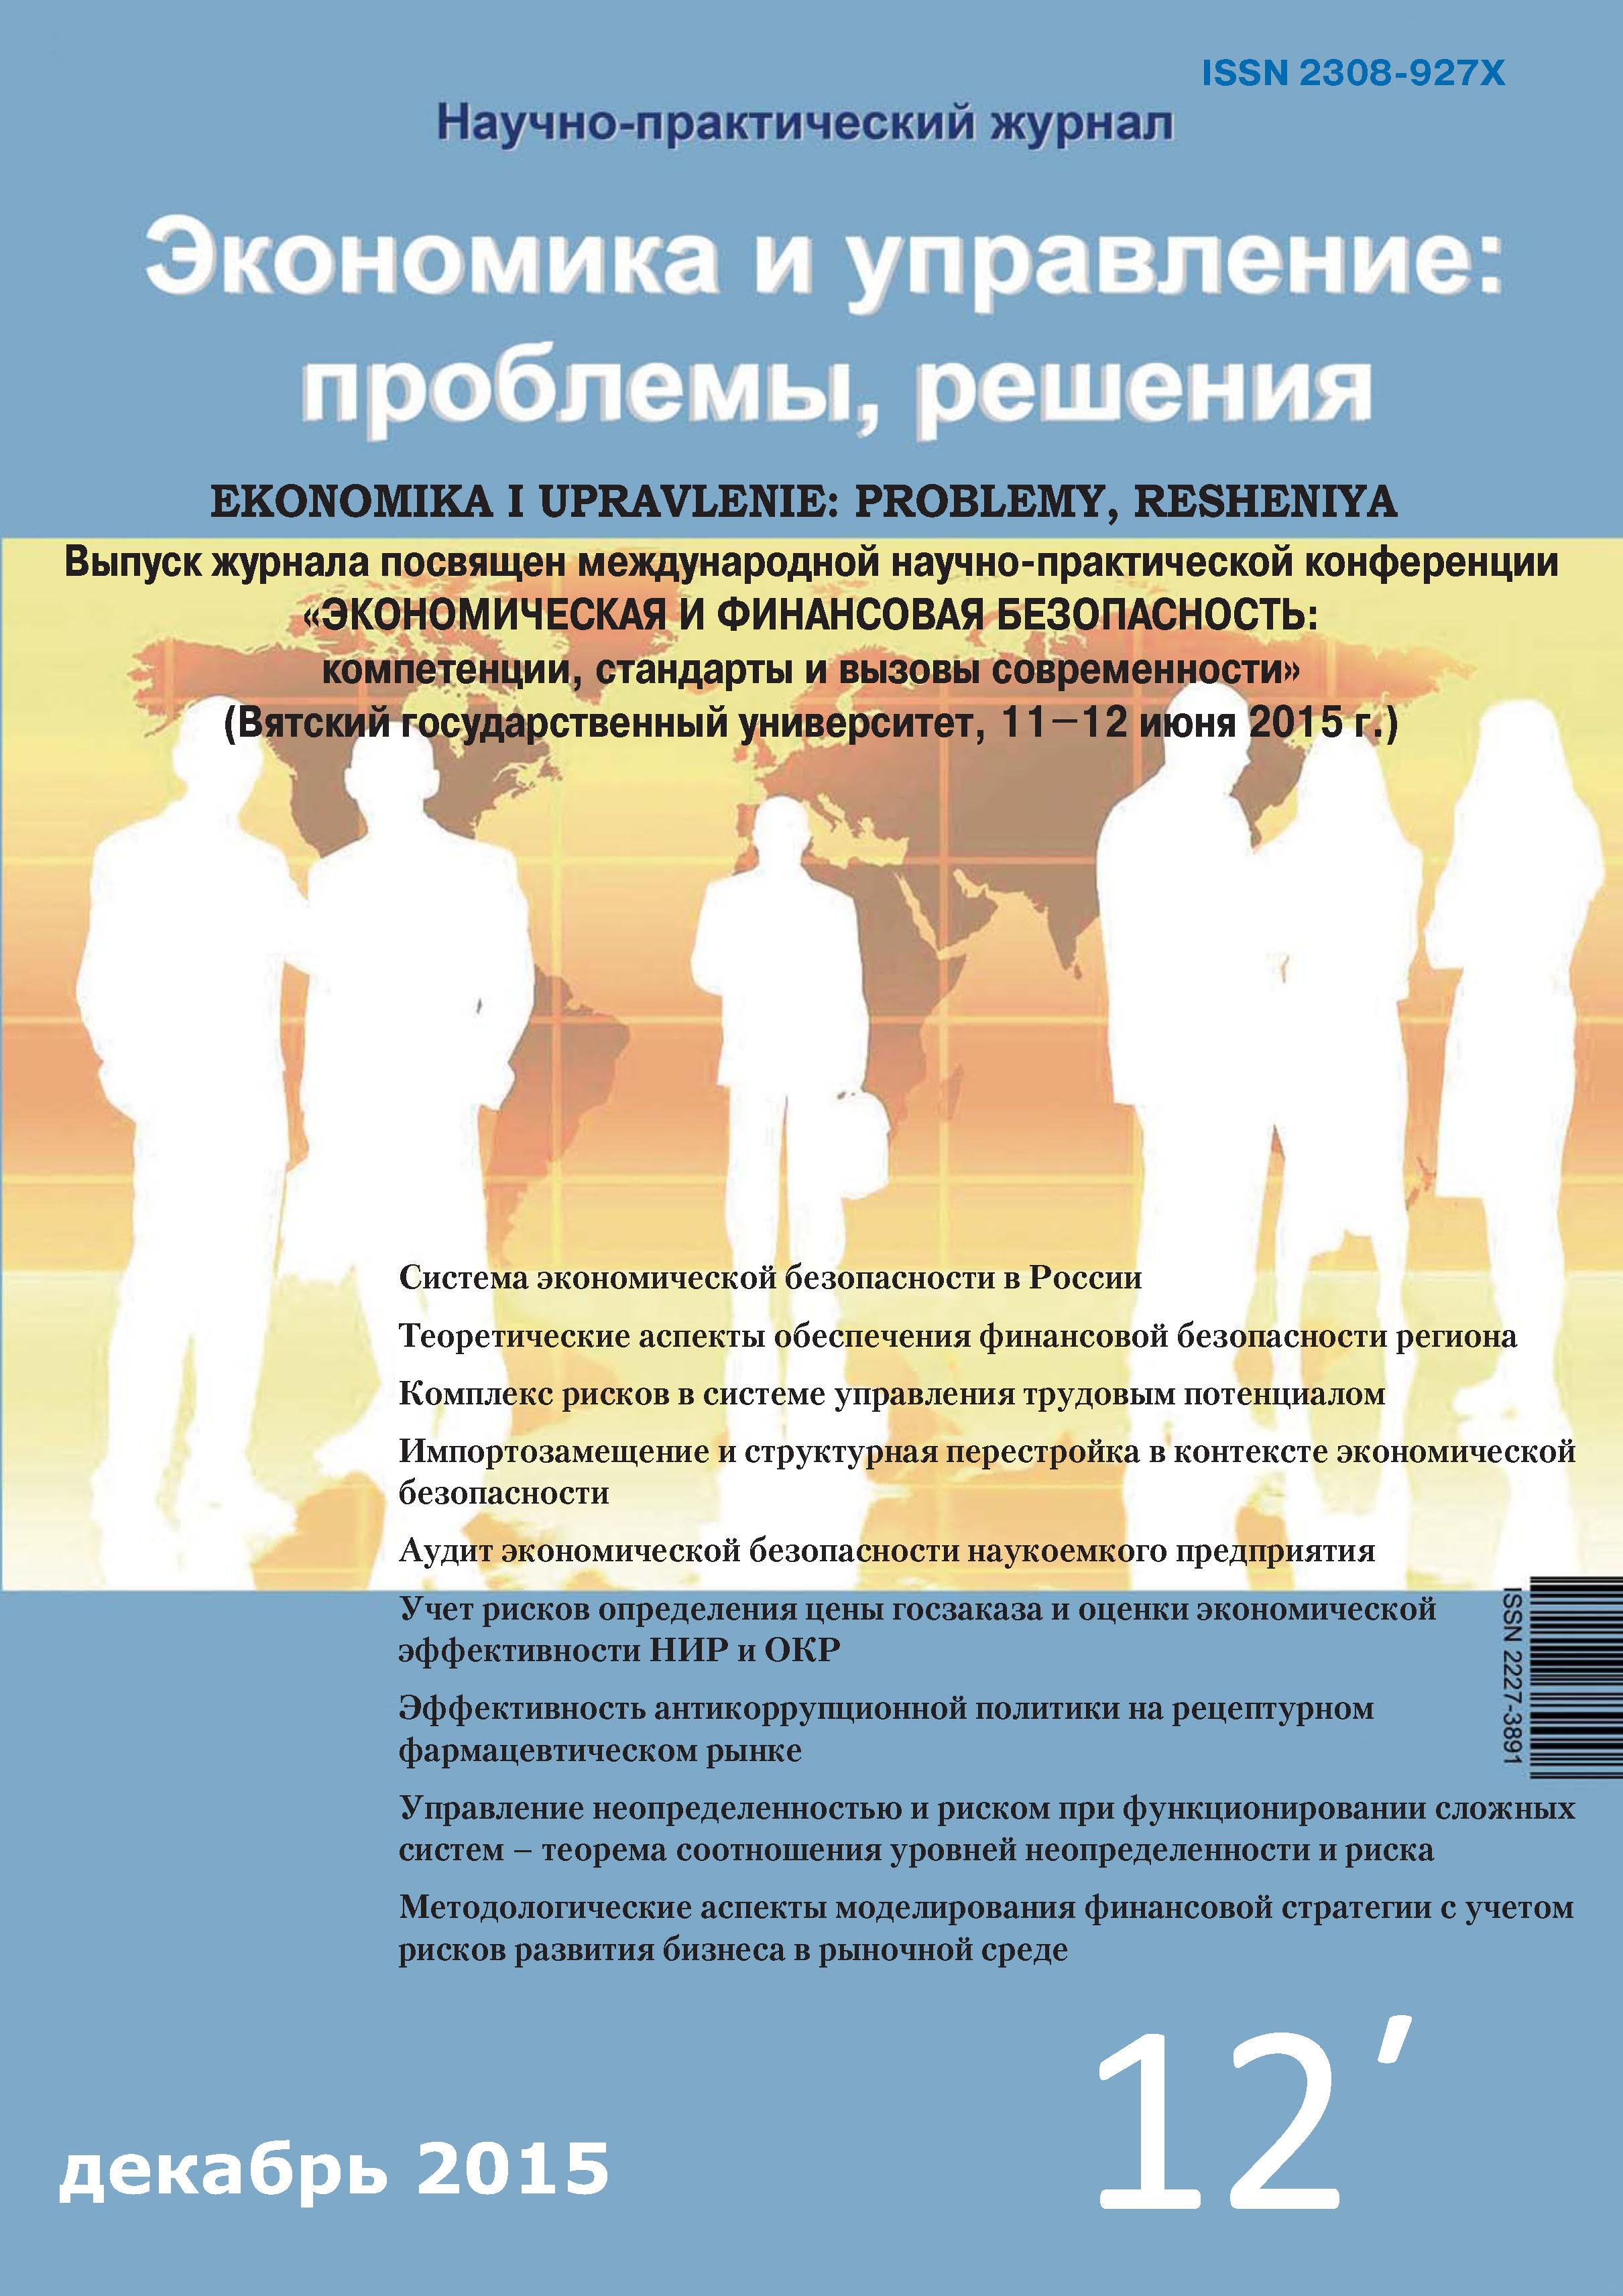 Экономика и управление: проблемы, решения № 12/2015